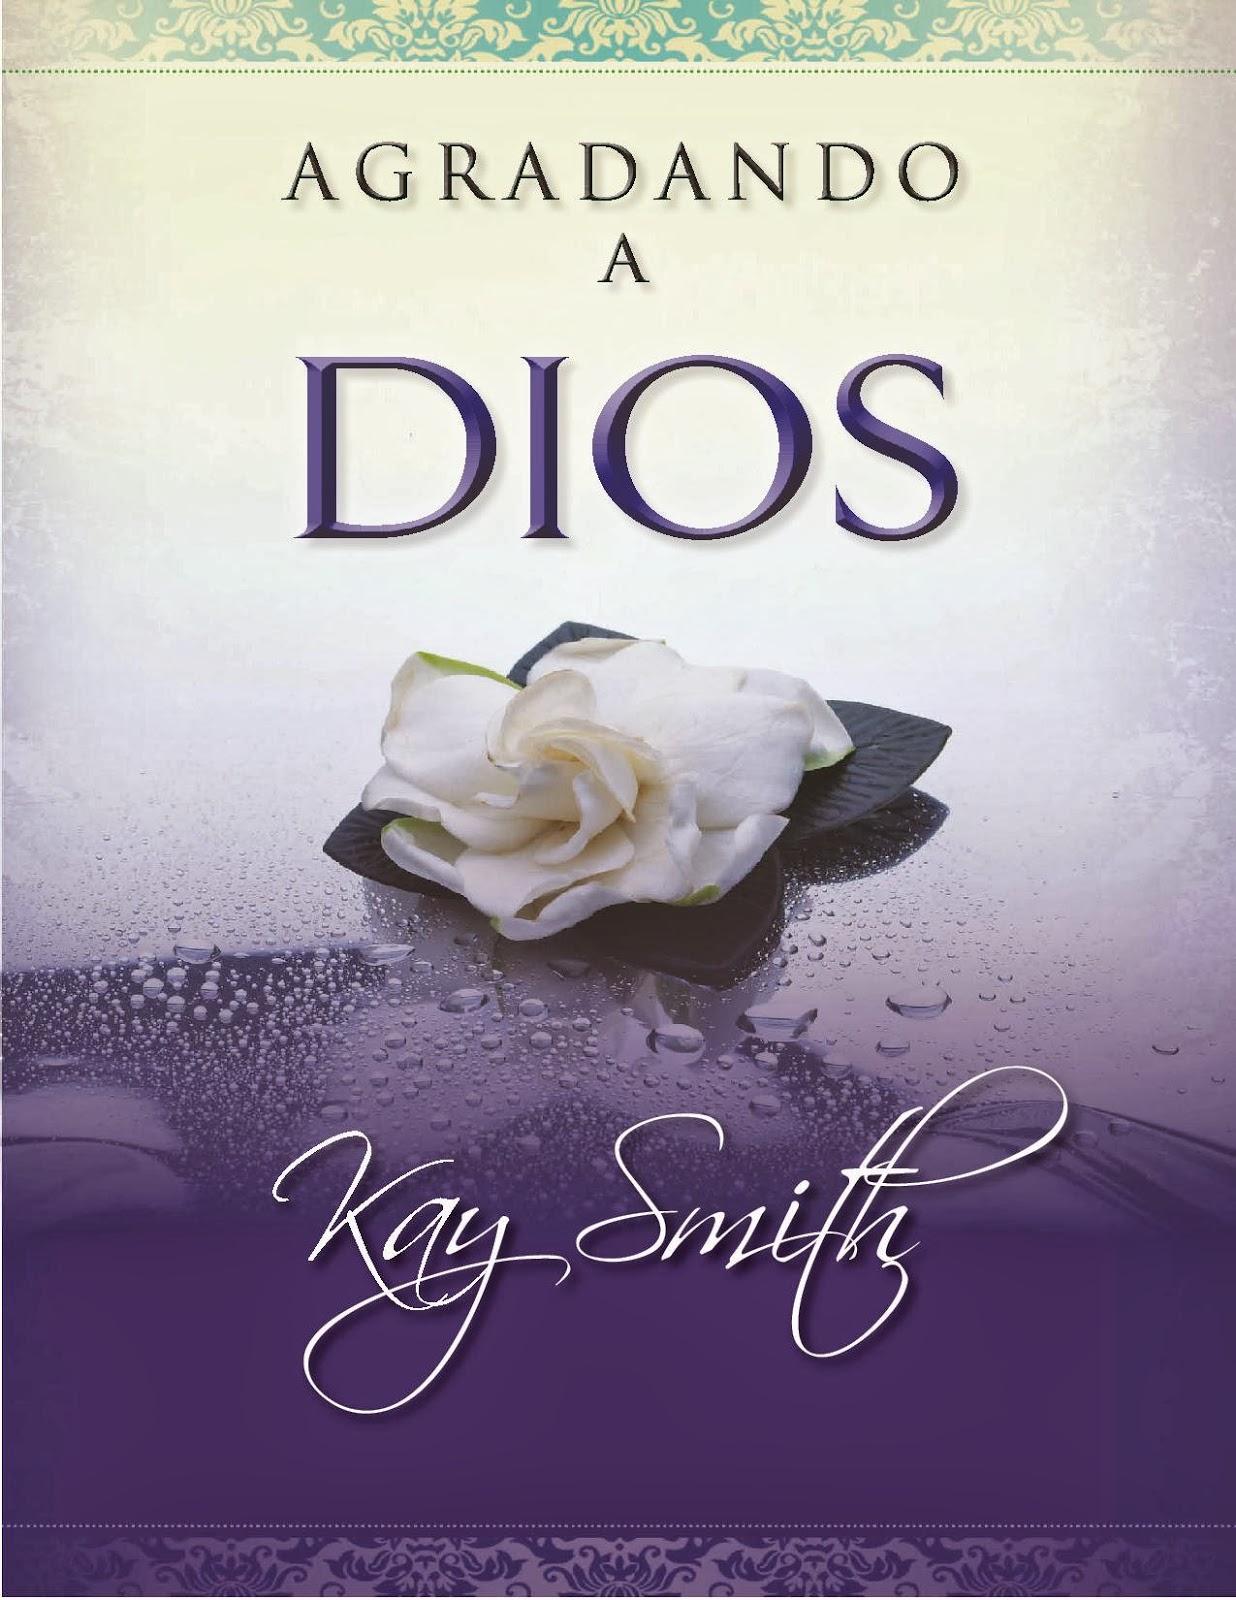 Kay Smith-Agradando a Dios-